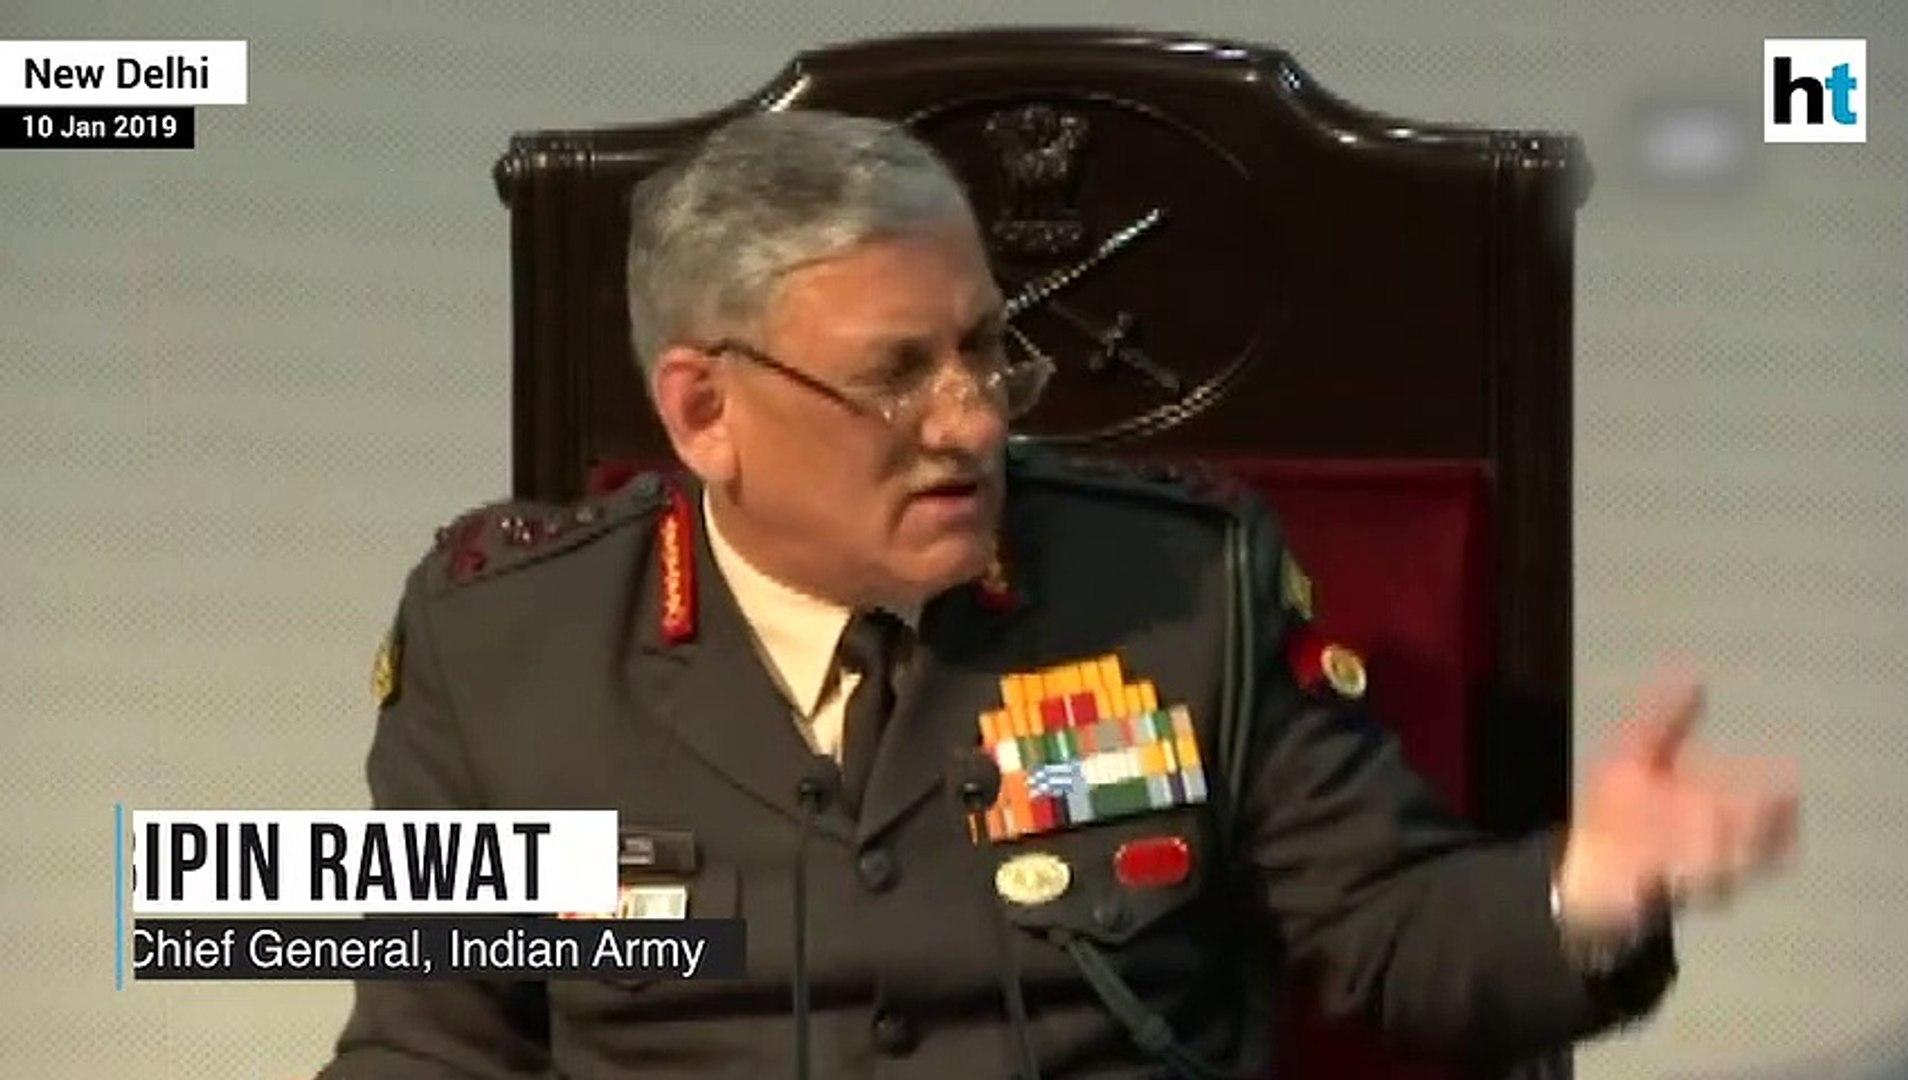 'No gay sex in Army', says Army chief Bipin Rawat